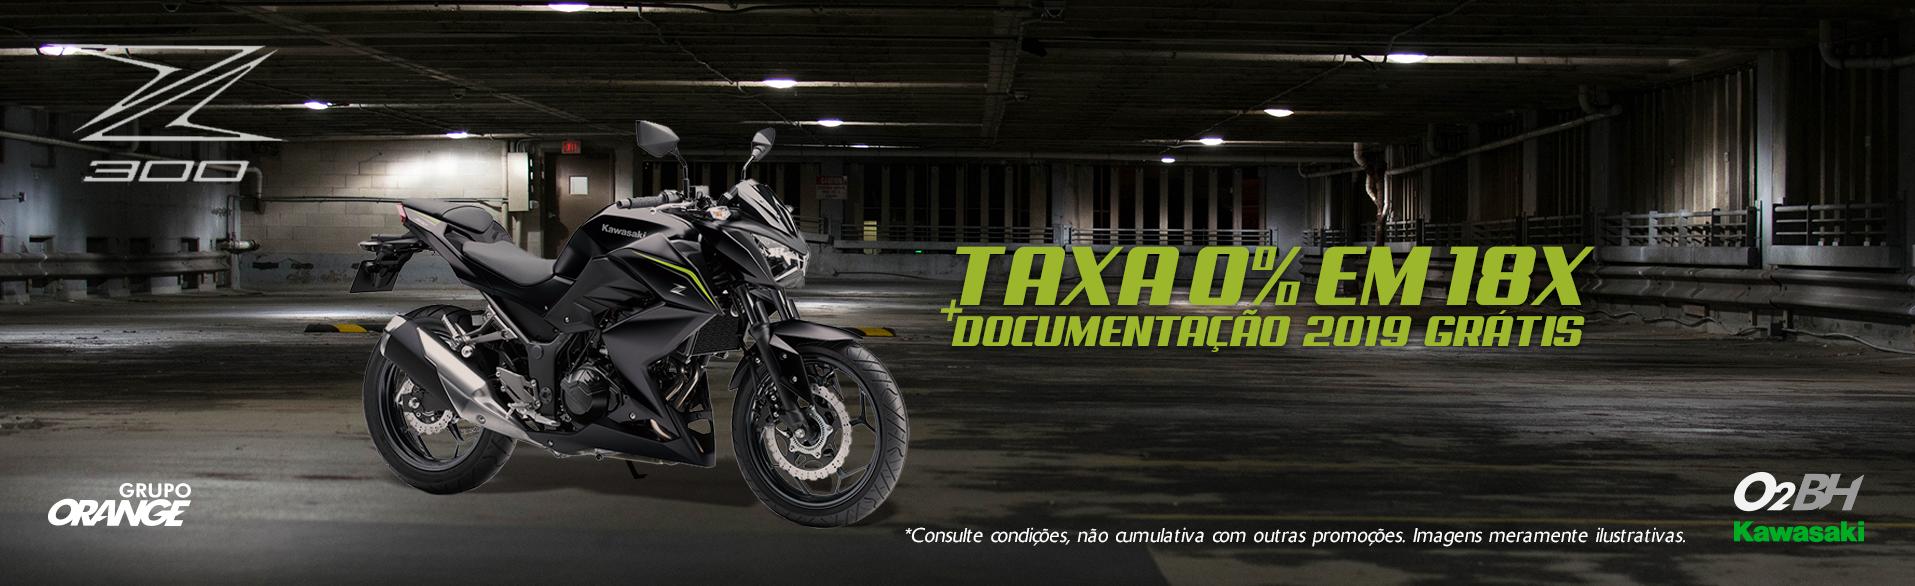 Z300 COM TAXA 0 EM 18X + DOCUMENTAÃO 2019 GRÁTIS